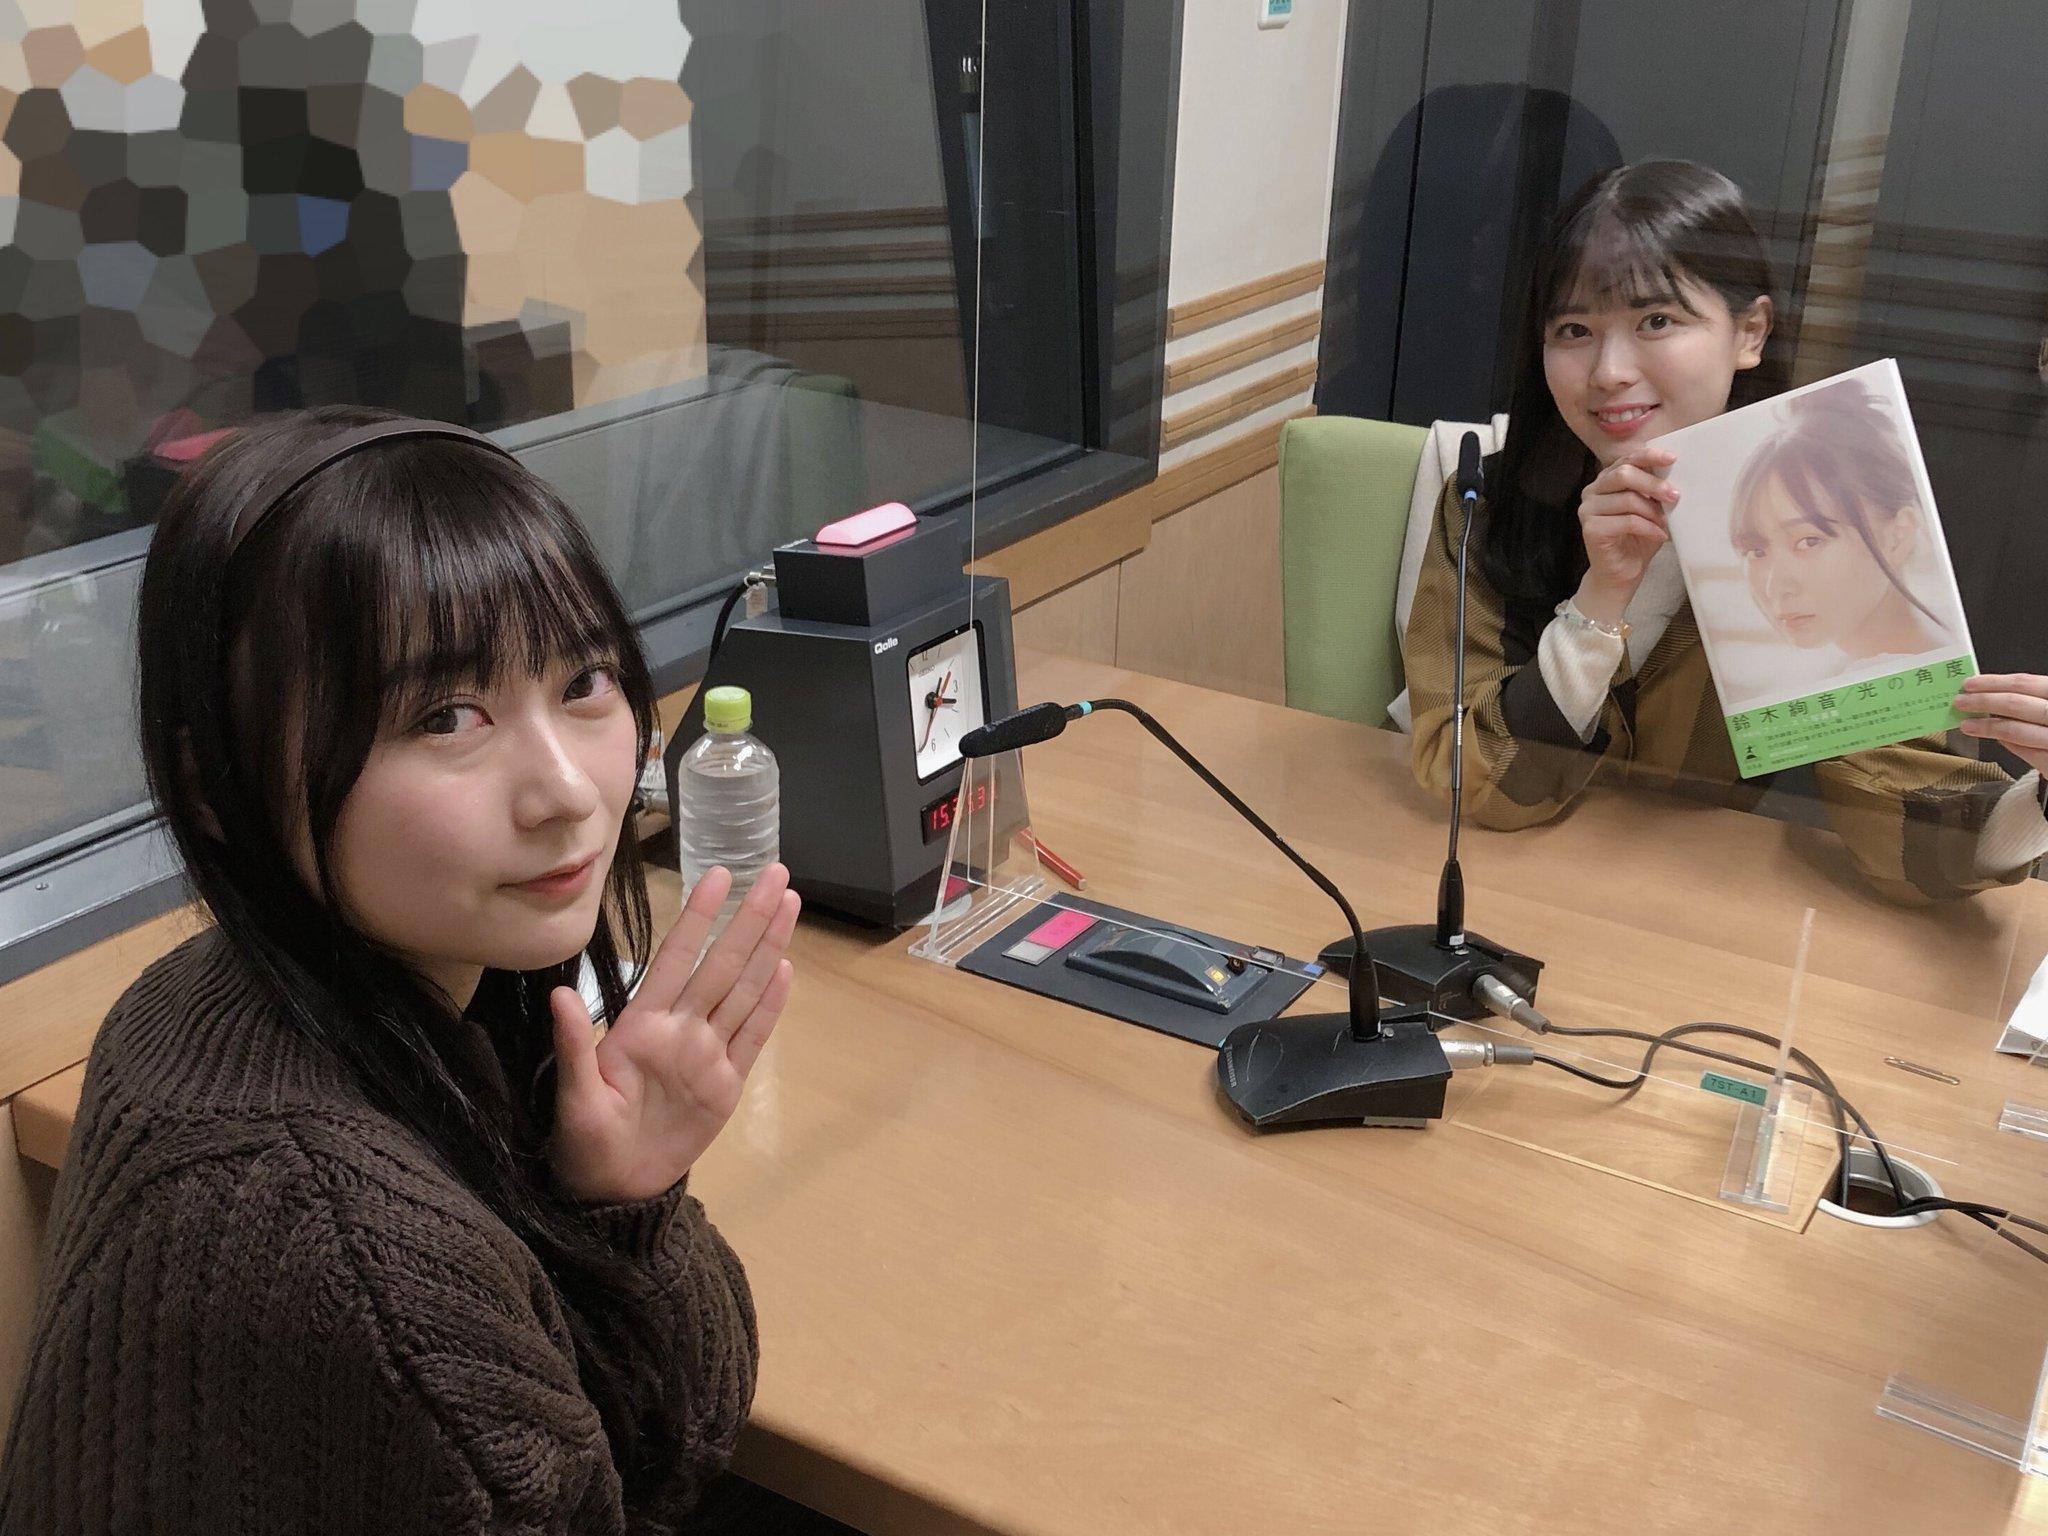 乃木坂46の「の」 鈴木絢音 岩本蓮加